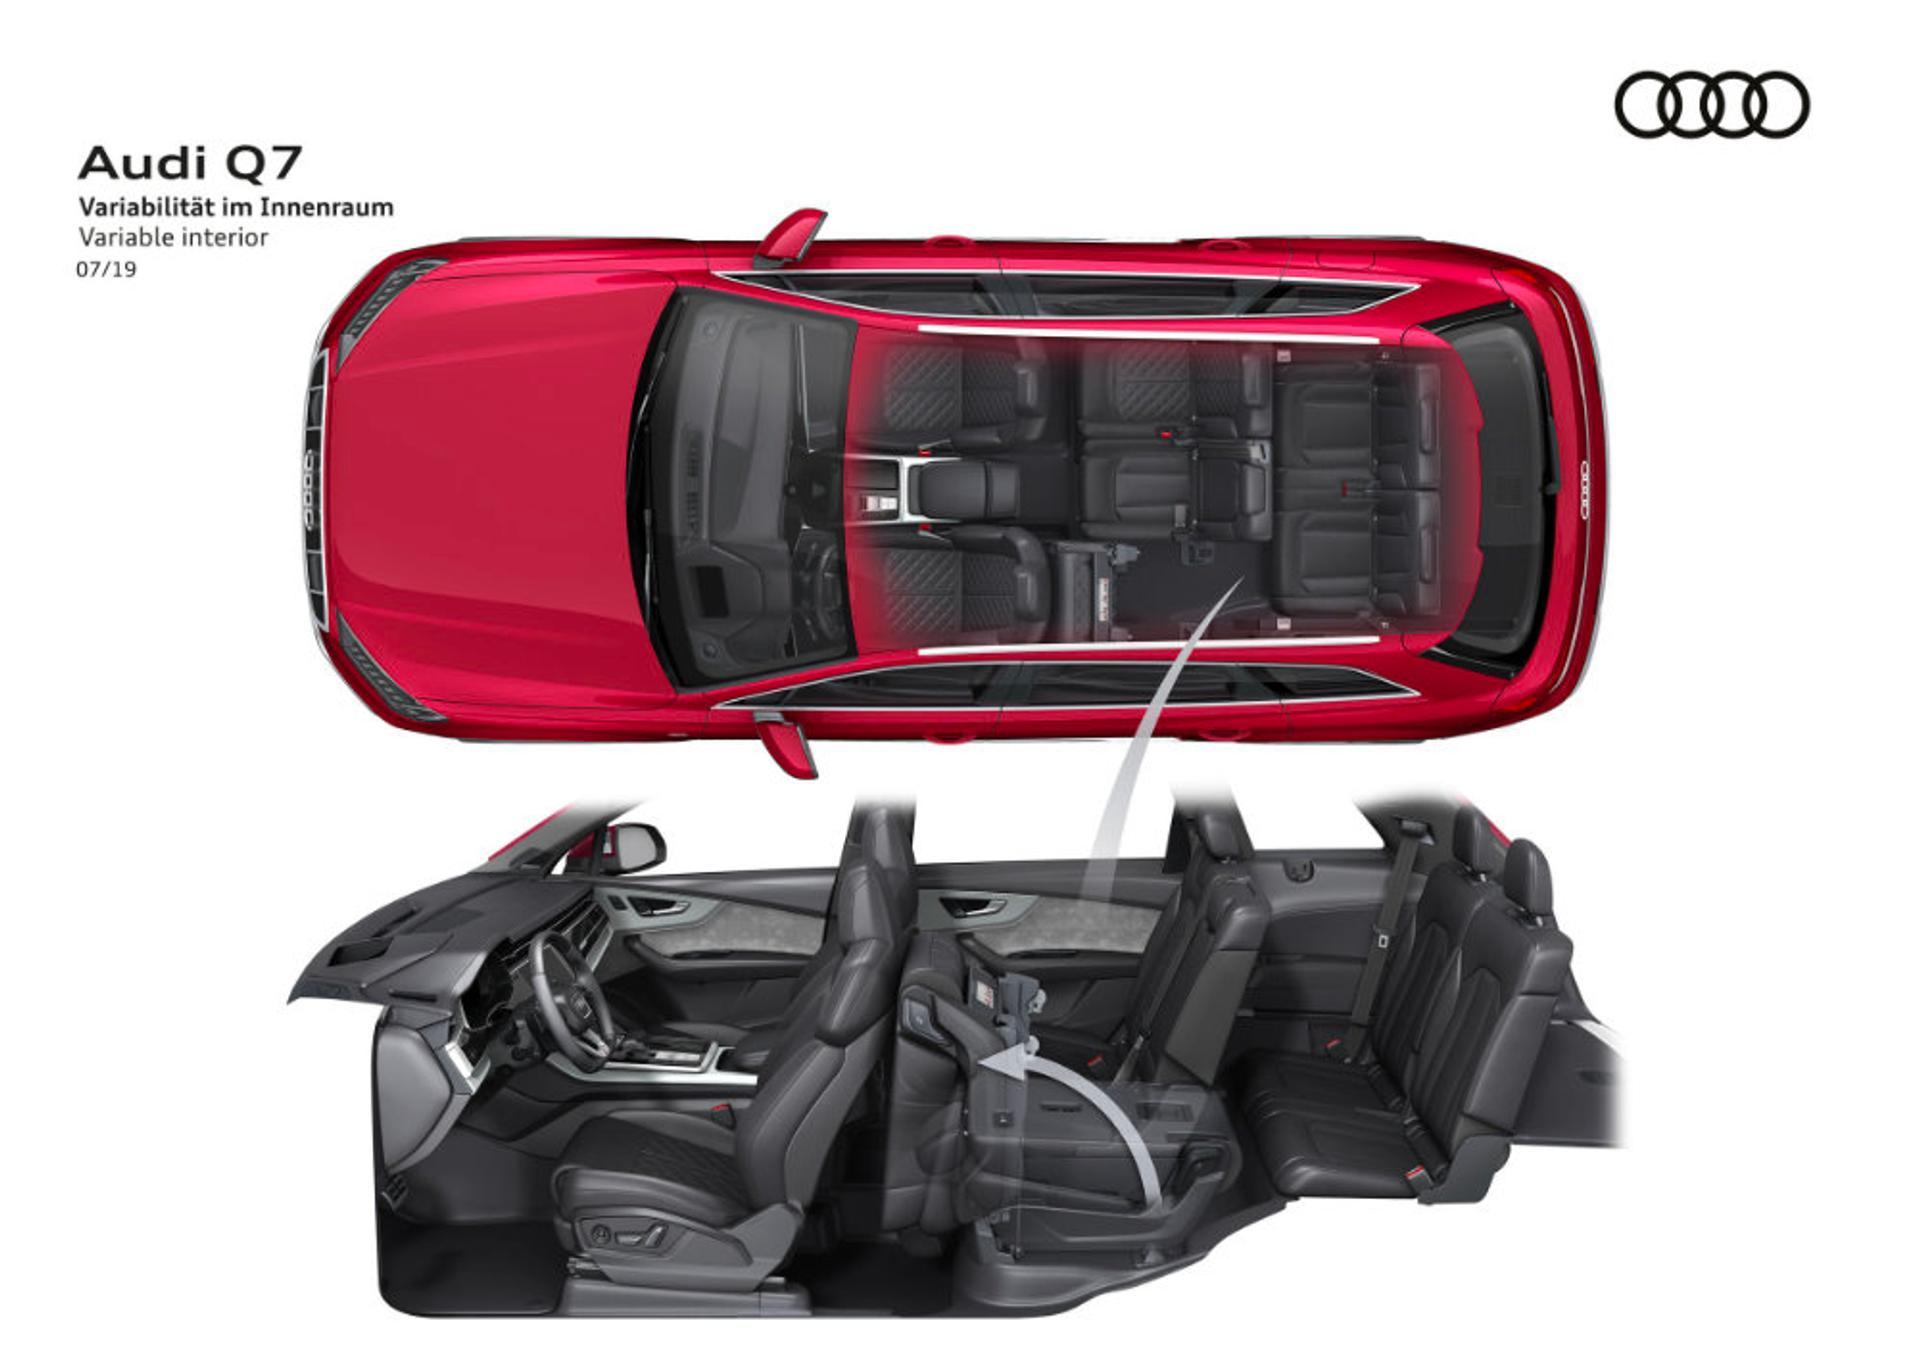 Audi Q7 seating layout